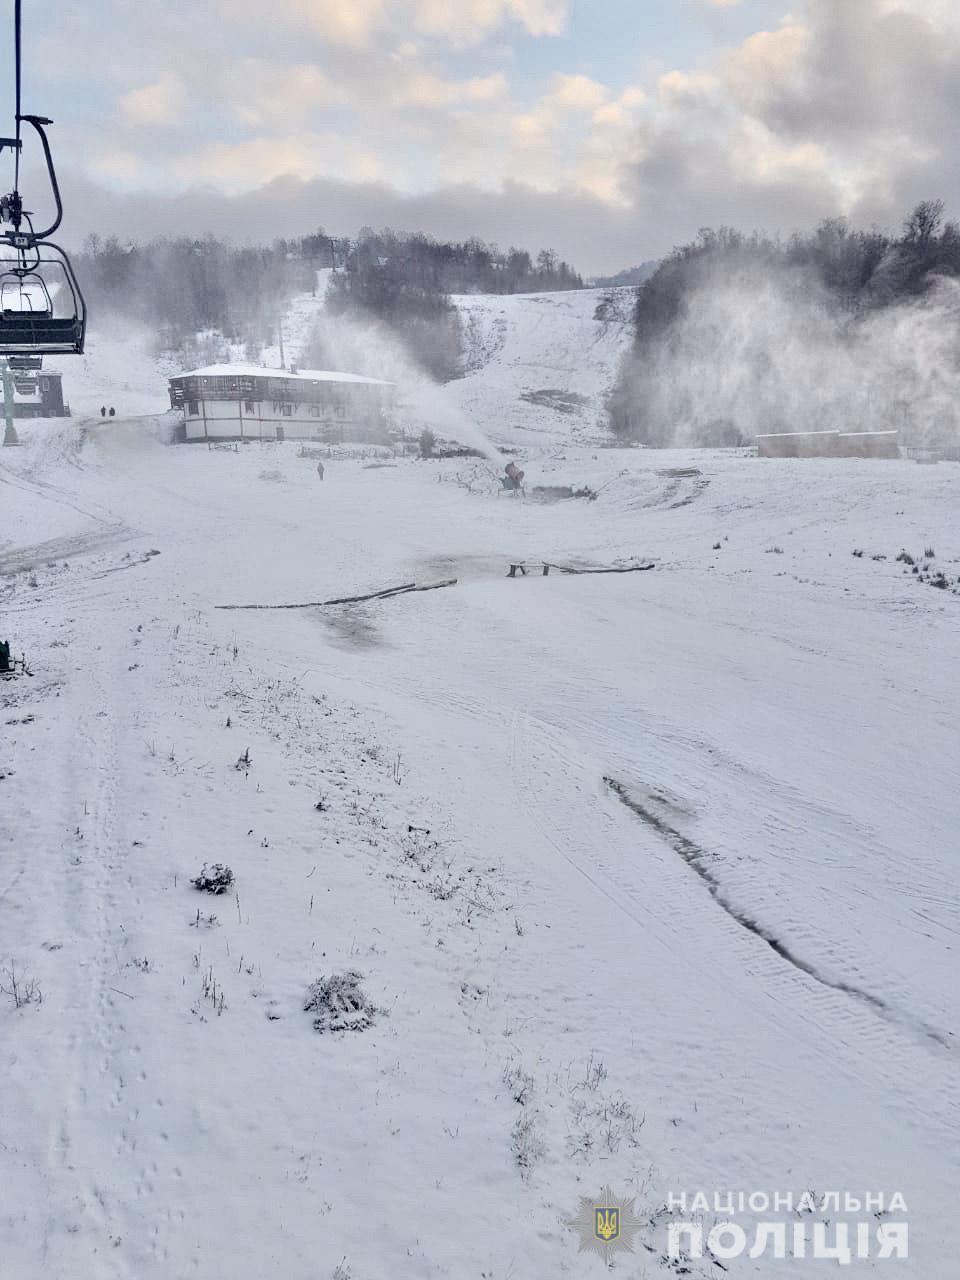 На Закарпатье заблокировали популярный горнолыжный курорт: местные жители протестуют